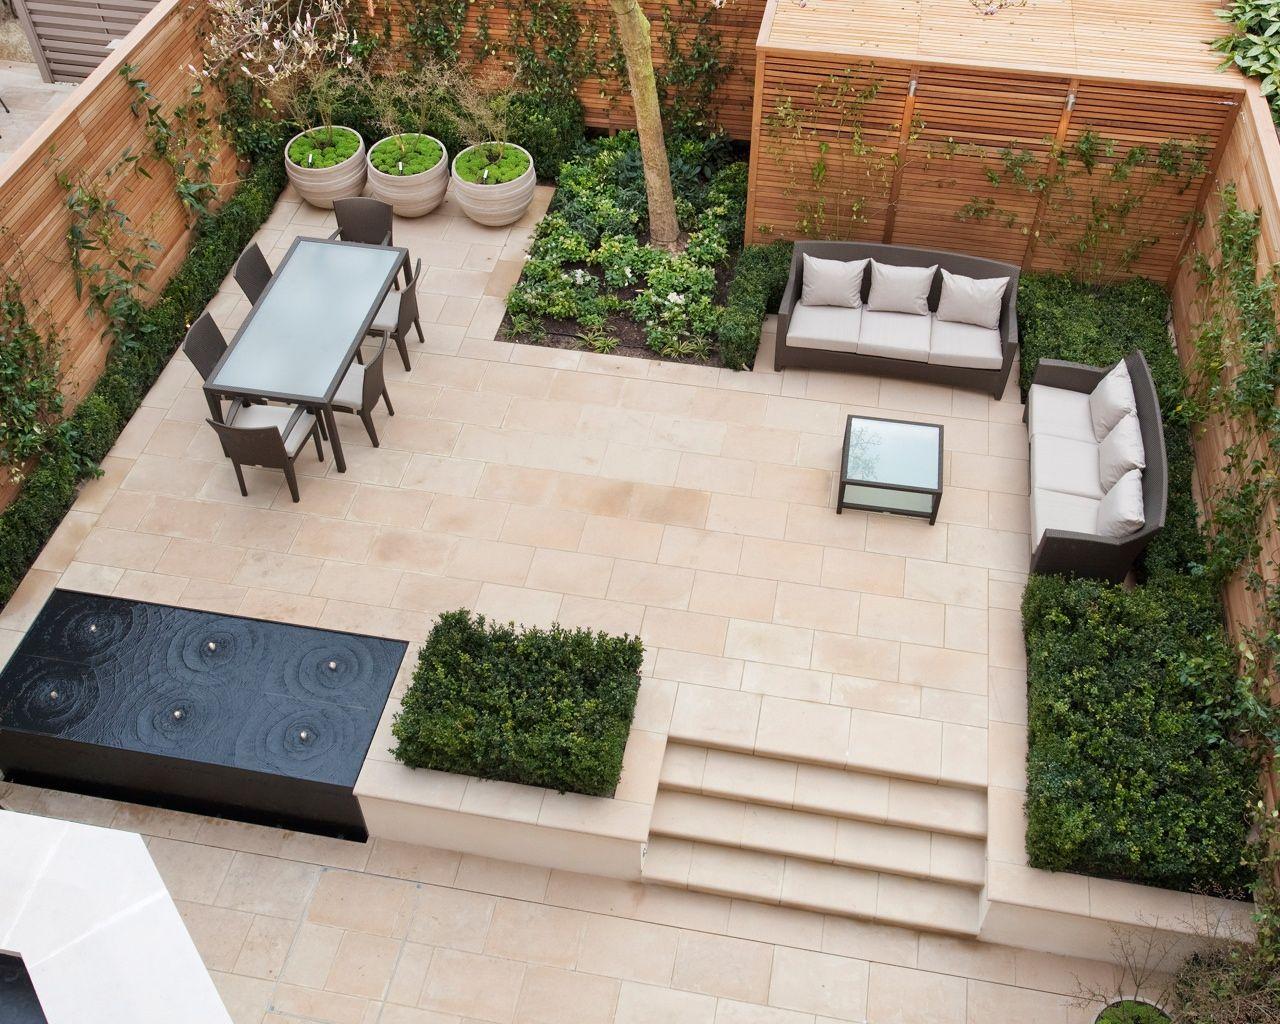 50 Modern Garden Design Ideas To Try In 2017 Gardens Designs